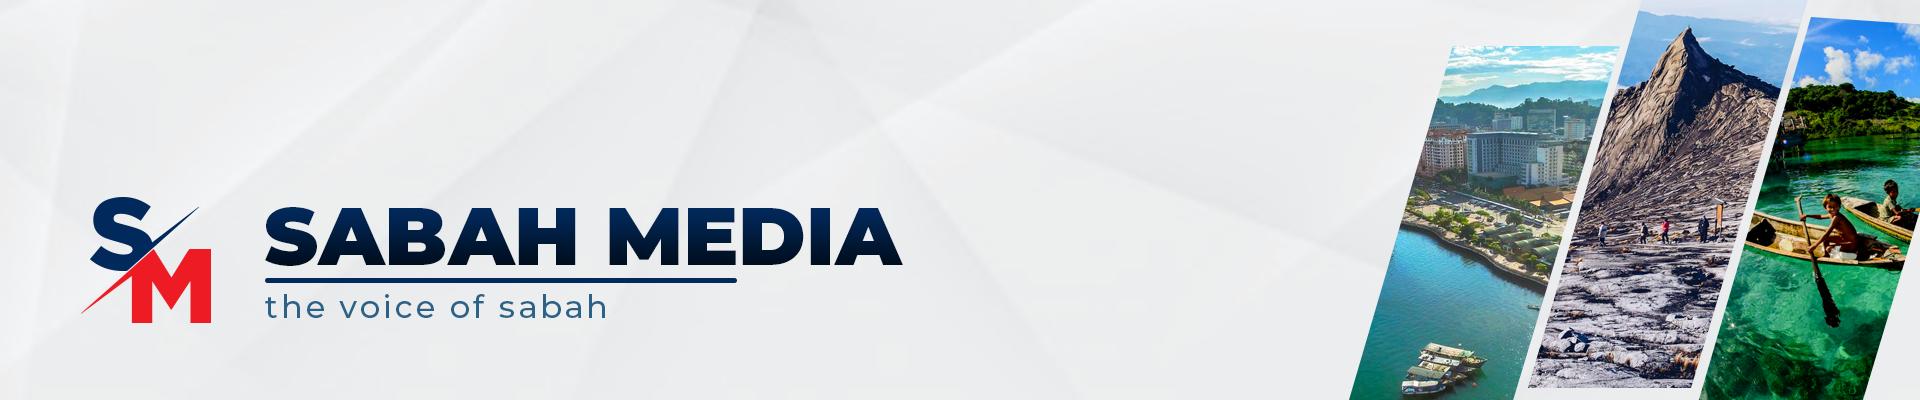 Sabah Media